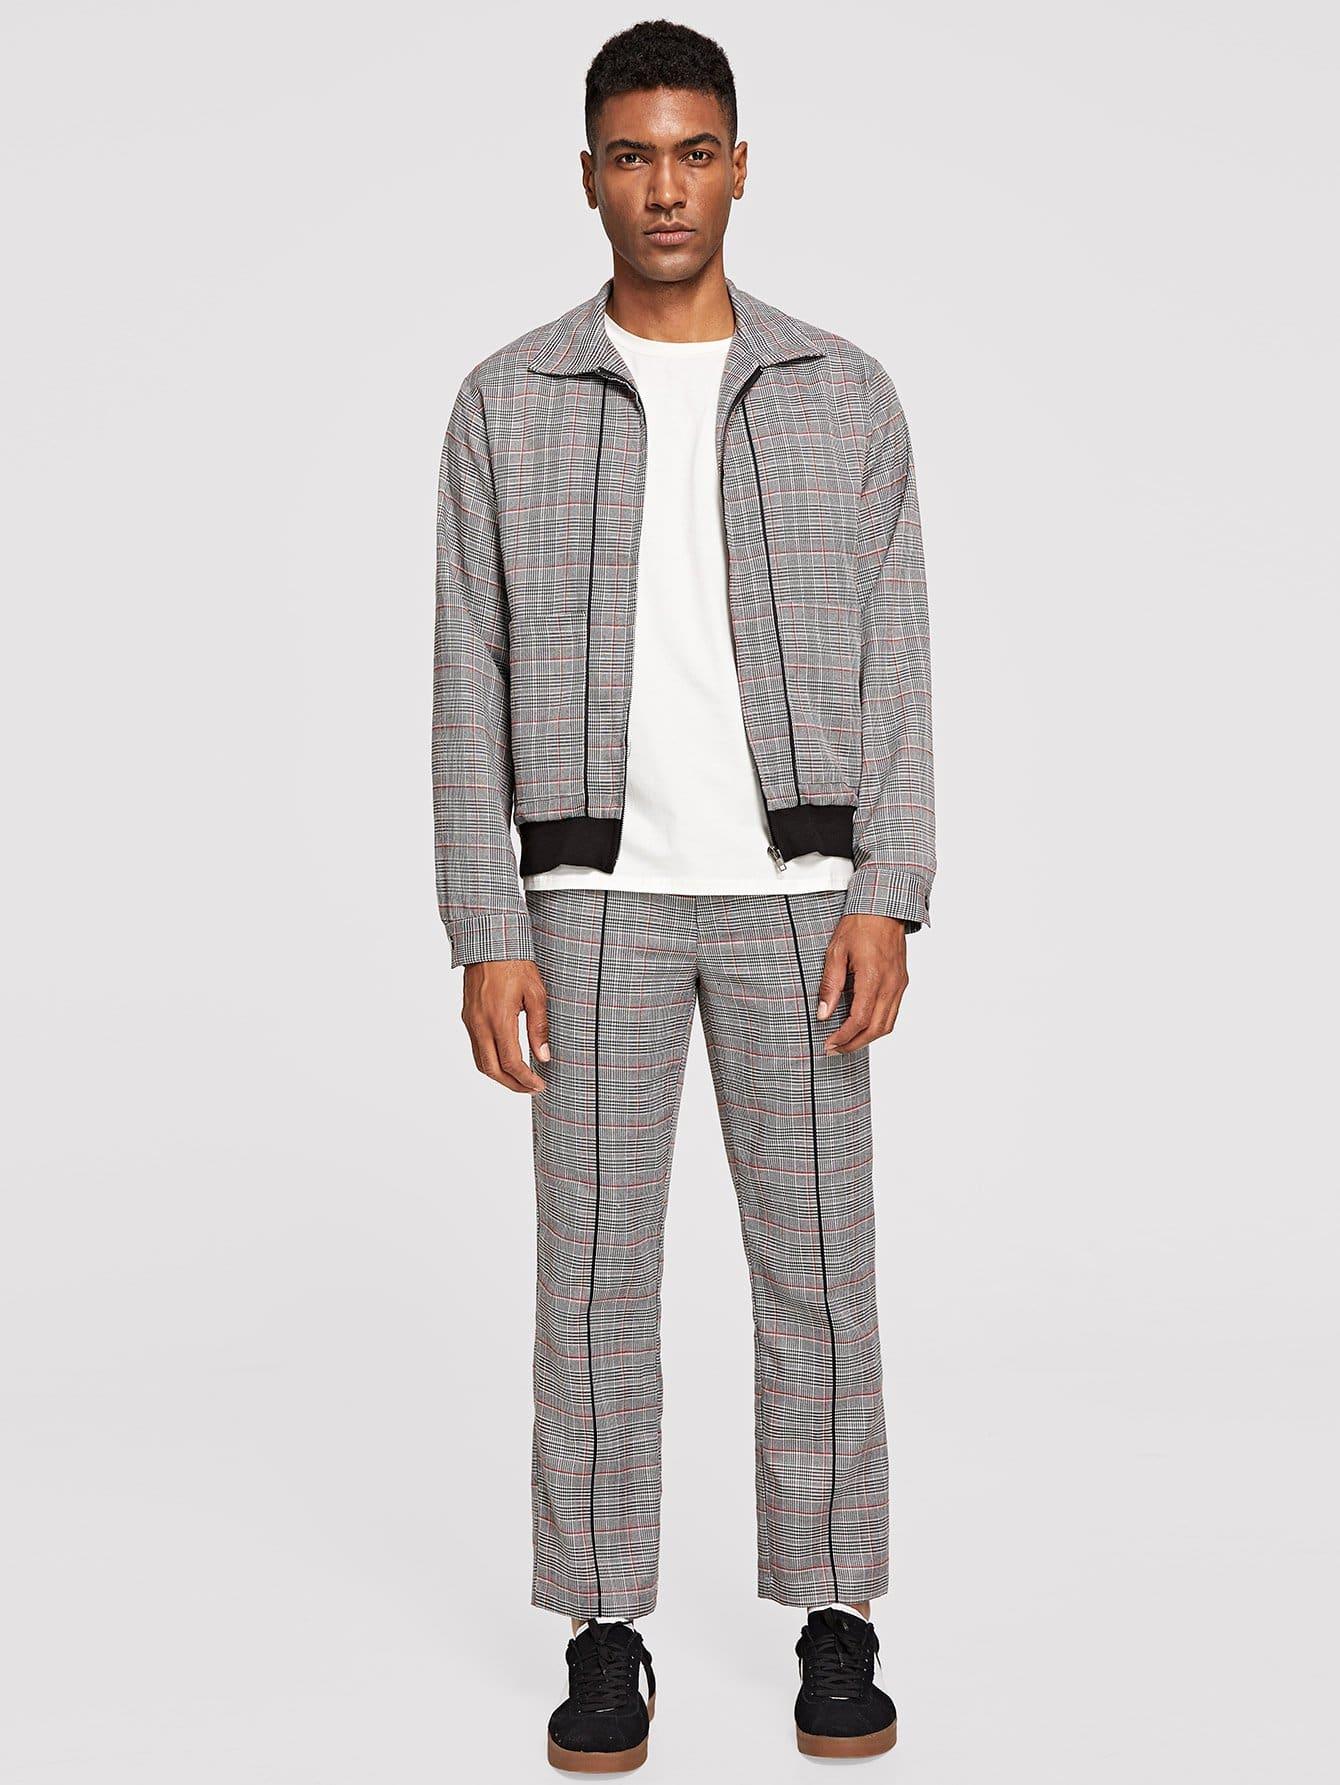 Купить Мужское пальто в клетку с застёжкой молния и брюки, Johnn Silva, SheIn